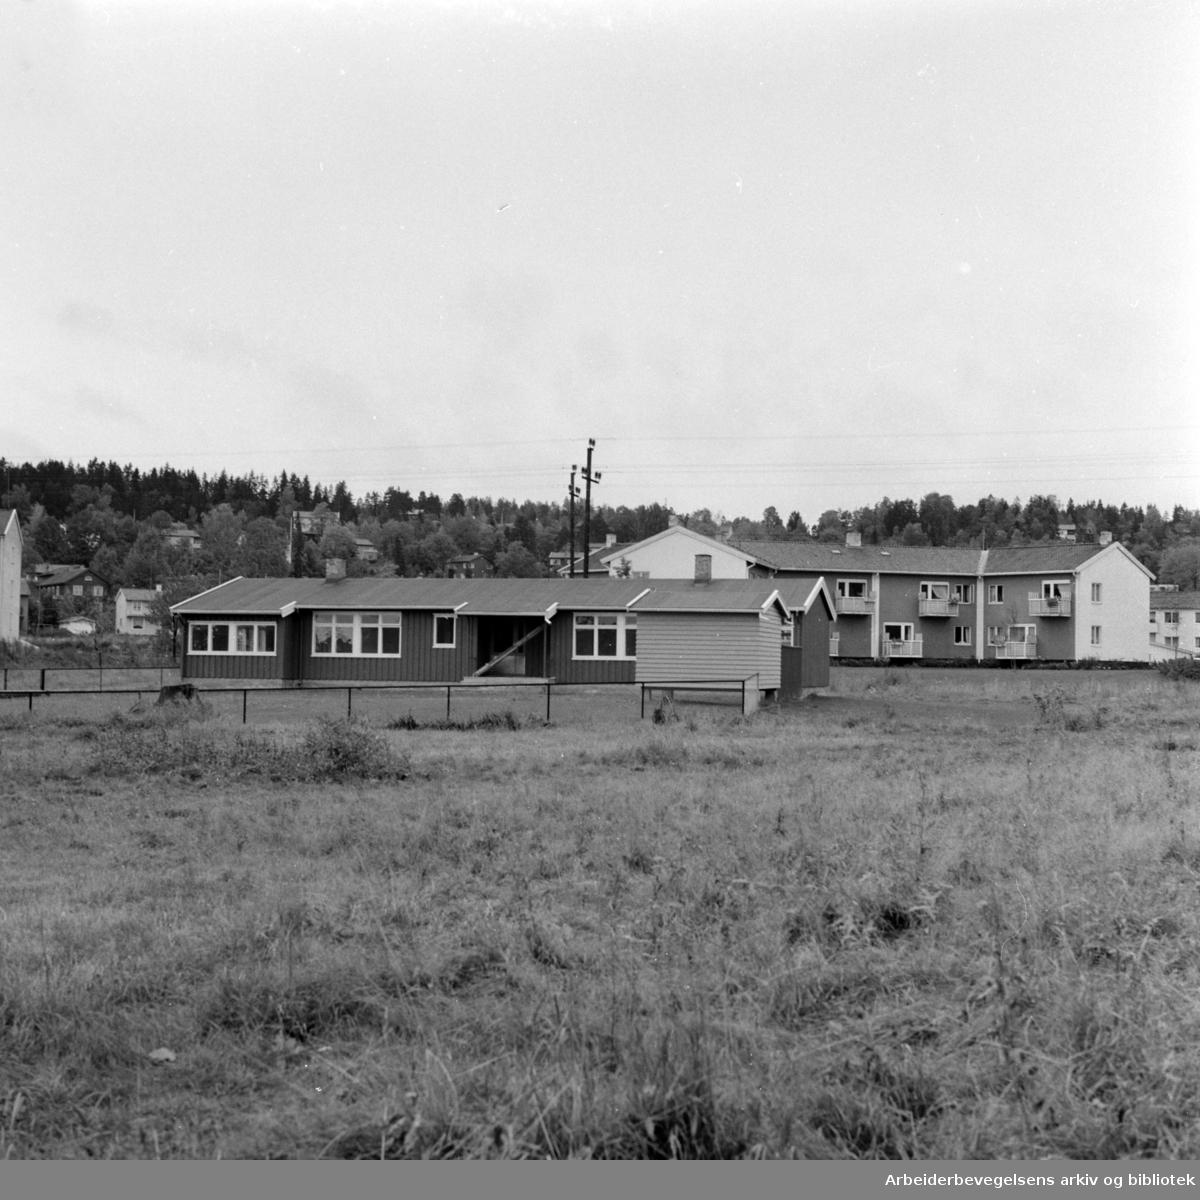 Ullevål Stadion. Nytt daghjem. Oktober 1957